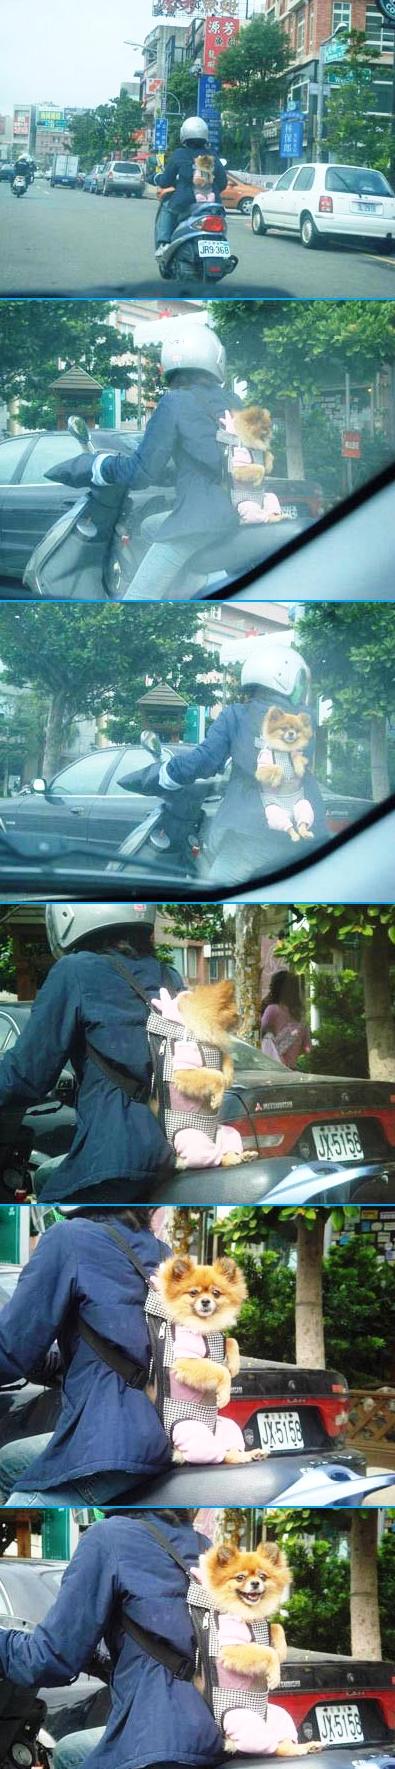 【犬おもしろ画像】ニヤリ! 車運転中、原付に乗っている人の背中にいたポメラリアンと目が合う(笑)animal_0003